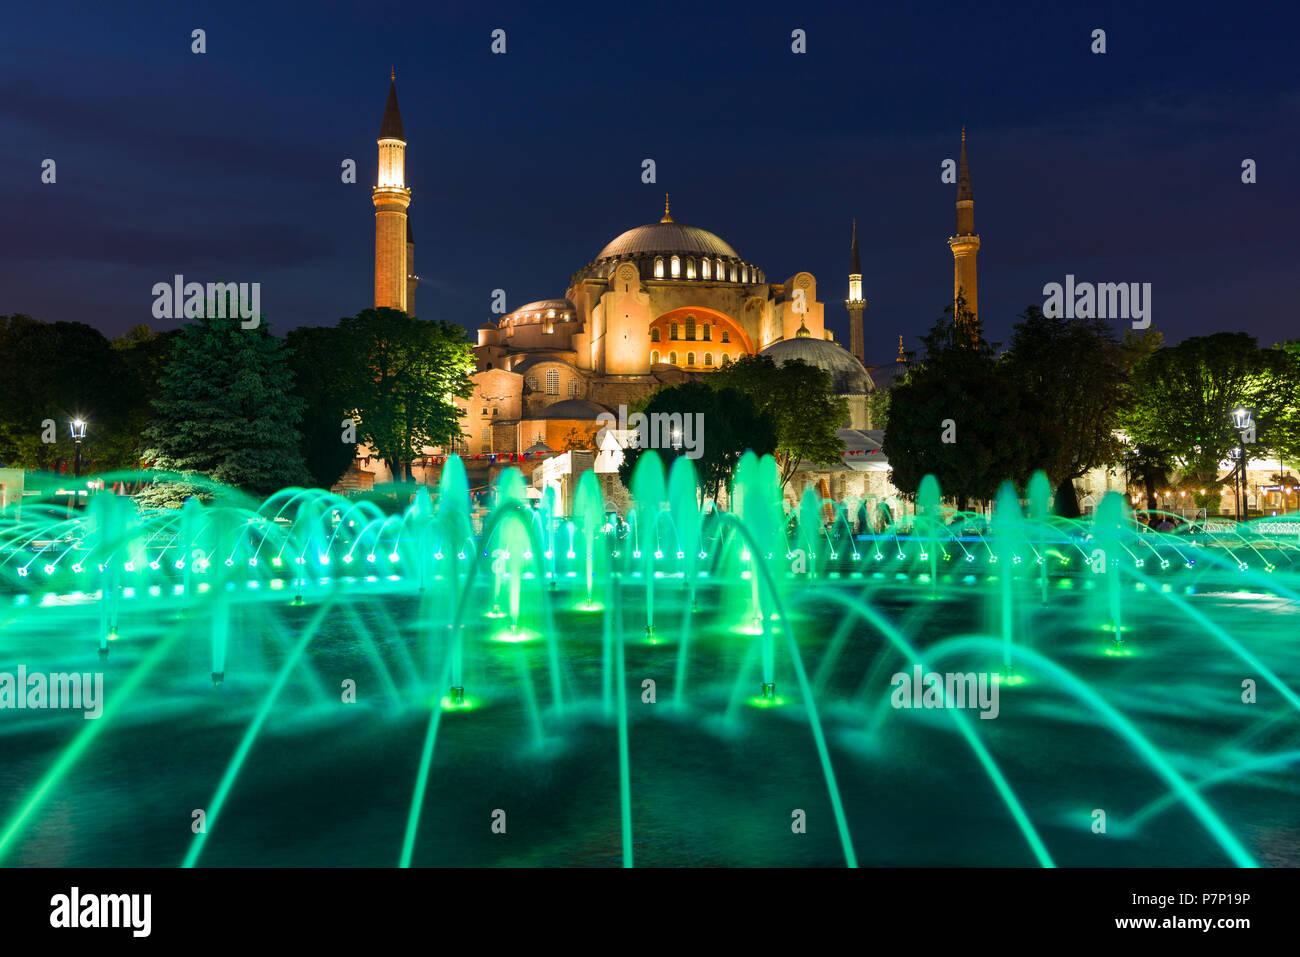 Le Sultan Ahmad Maydan fontaine illuminée avec le musée Sainte-Sophie en arrière-plan au crépuscule, Istanbul, Turquie Photo Stock